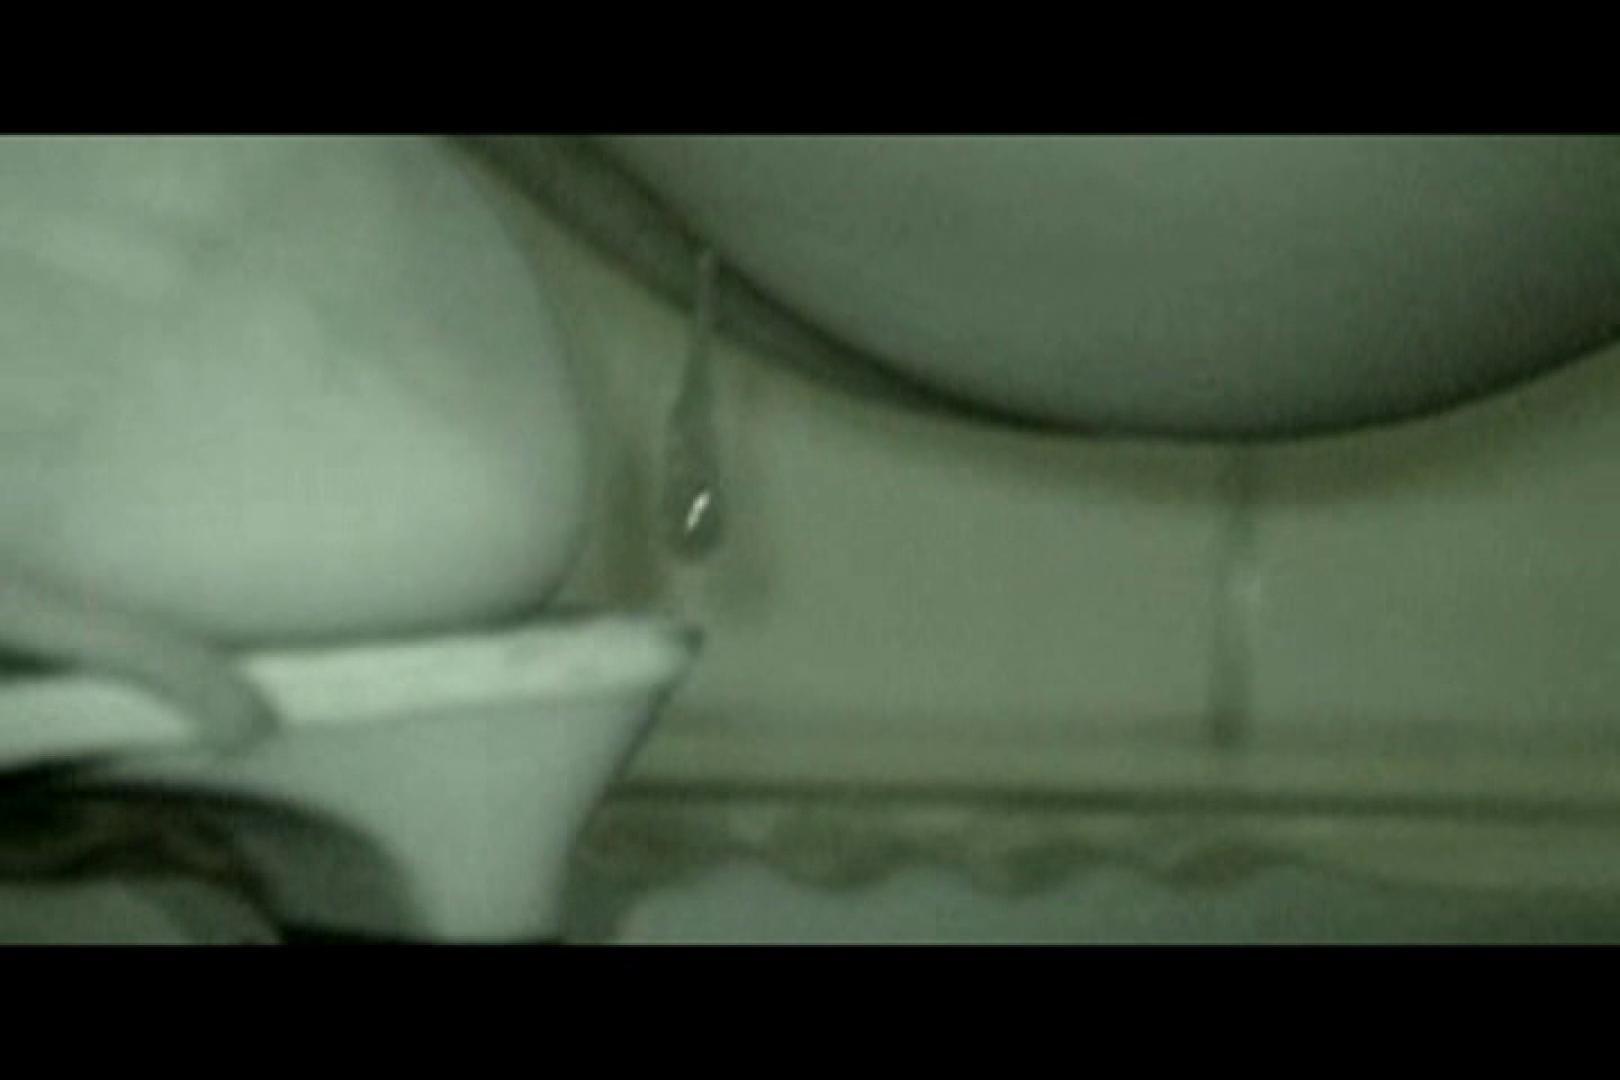 ぼっとん洗面所スペシャルVol.16 独身エッチOL | おまんこモロ出し  24pic 18